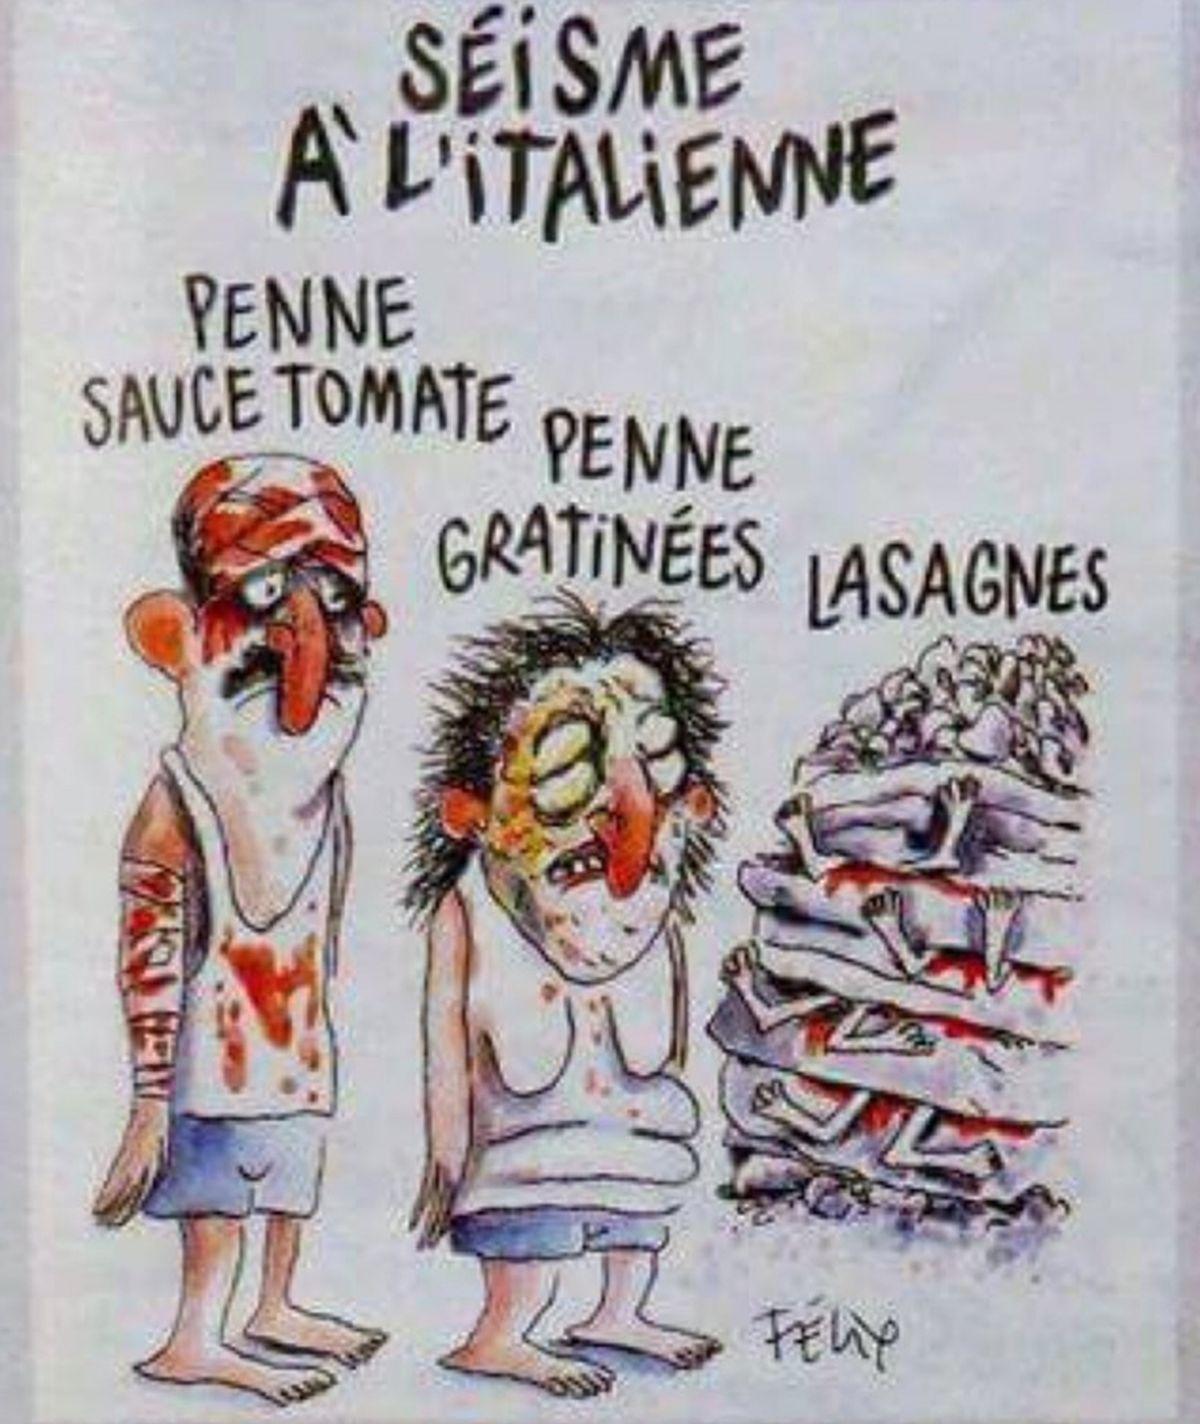 Charlie Hebdo pred tužbom zbog karikature o potresu u Amatriceu